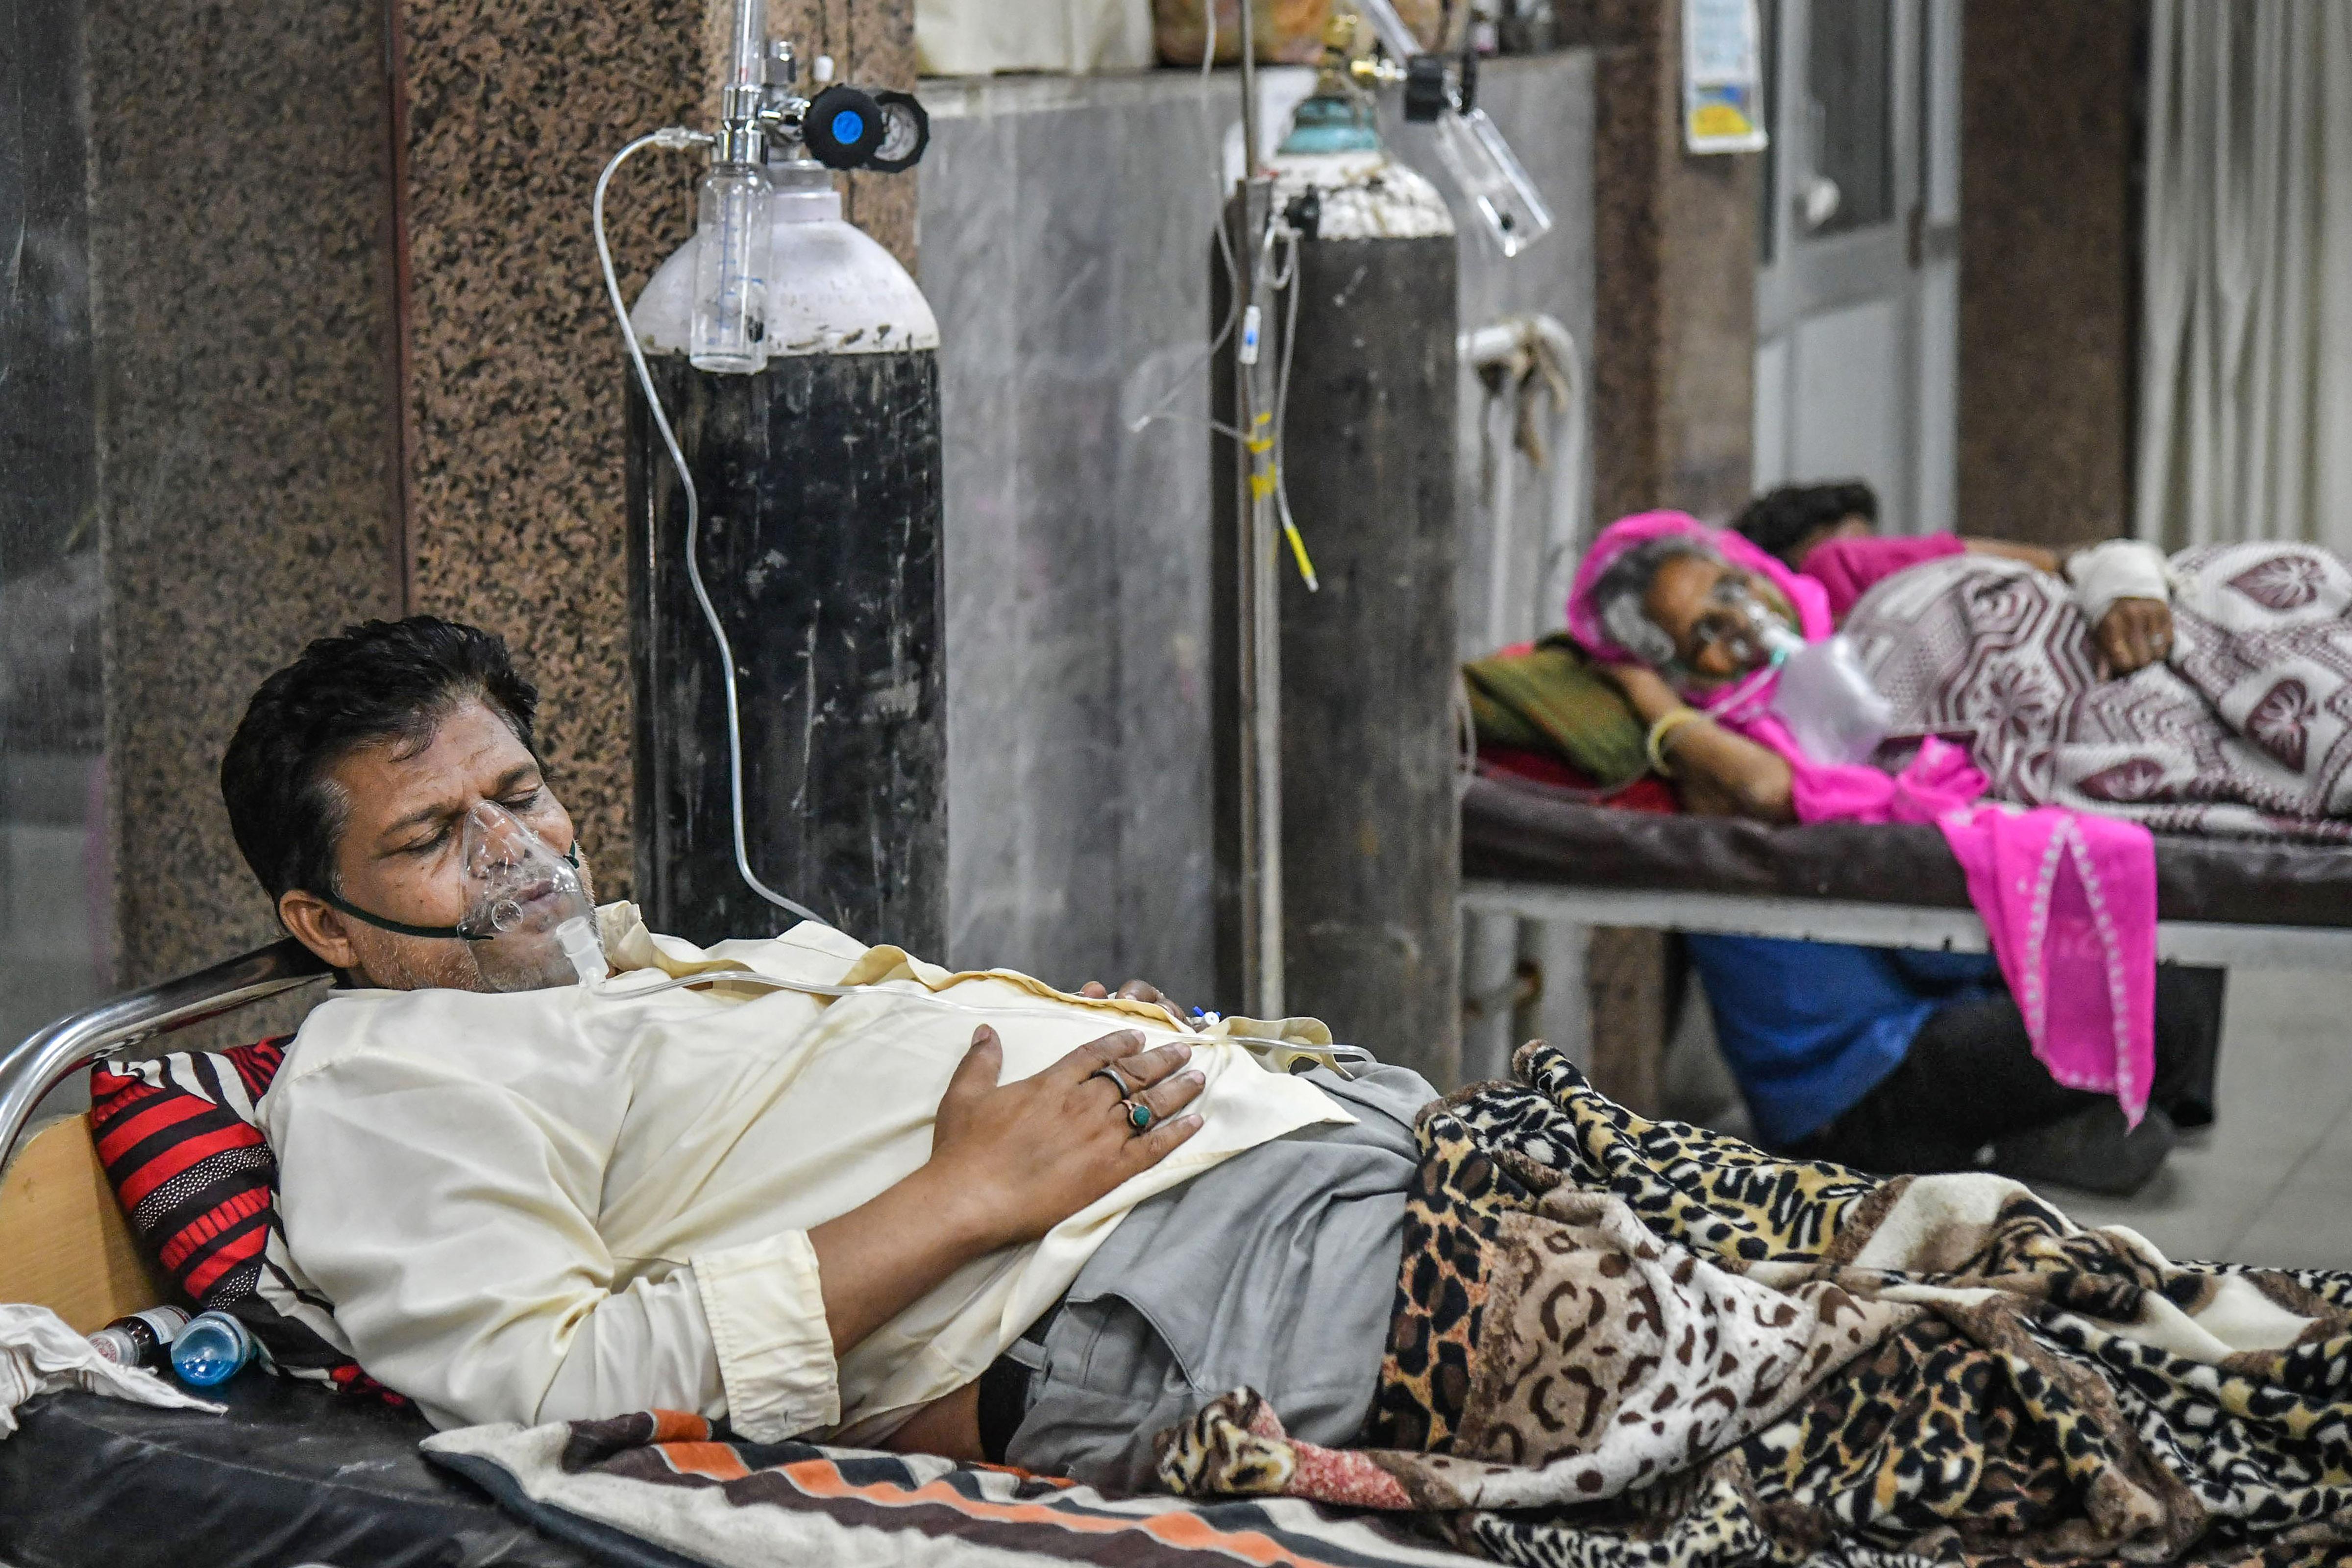 গবেষকরা বলছেন করোনা আক্রান্তদের মানসিক অবসাদ, সাইকোসিস, ডিমেনশিয়া এবং স্ট্রোকের ঝুঁকি রয়েছে। ফাইল ছবি : পিটিআই (PTI)